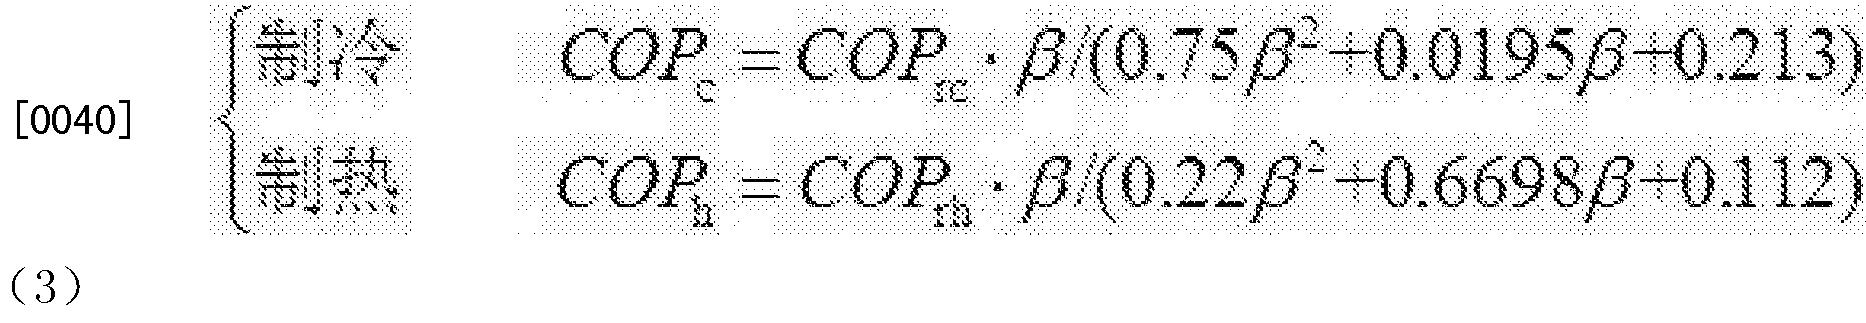 Figure CN103439941BD00092